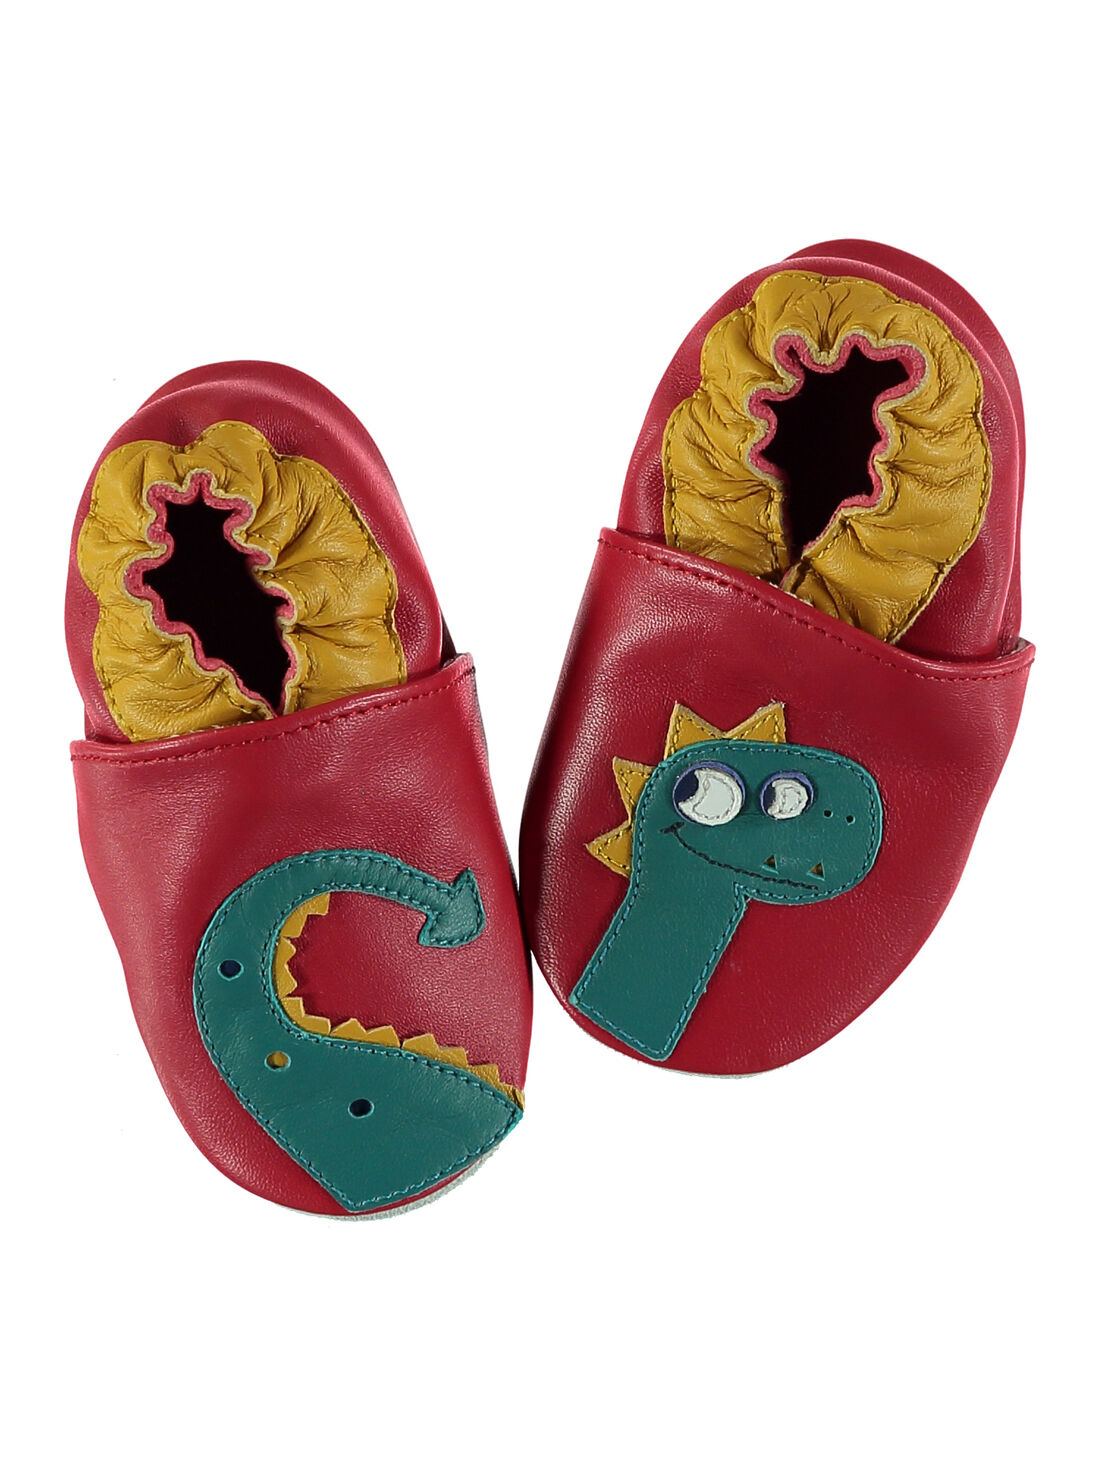 Chaussures enfant et Baskets bébé, choix fillegarçon de la